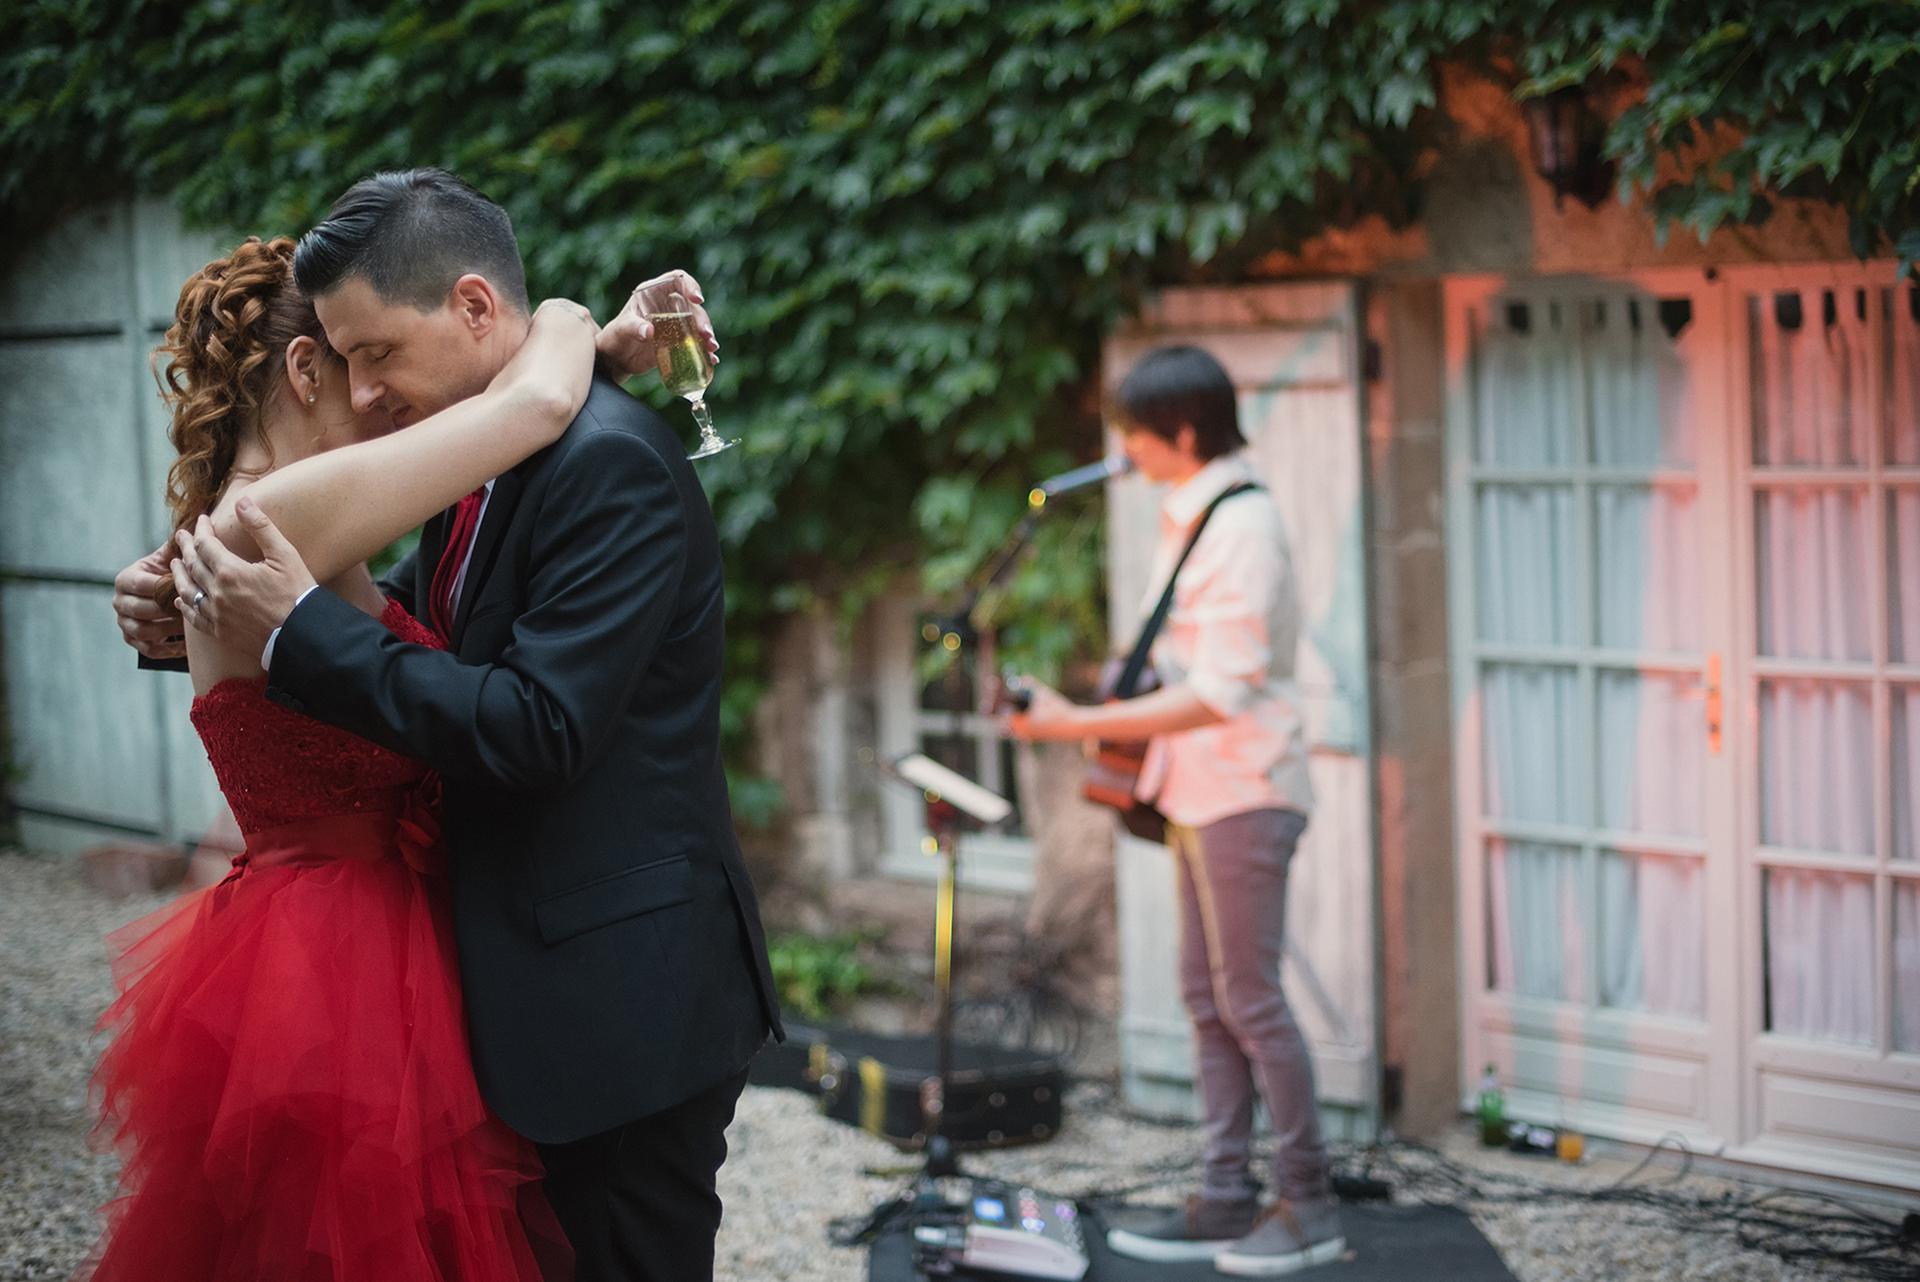 Occitanie, France Elopement Photo au Château Labistoul | La mariée et le marié ont une minute romantique ensemble